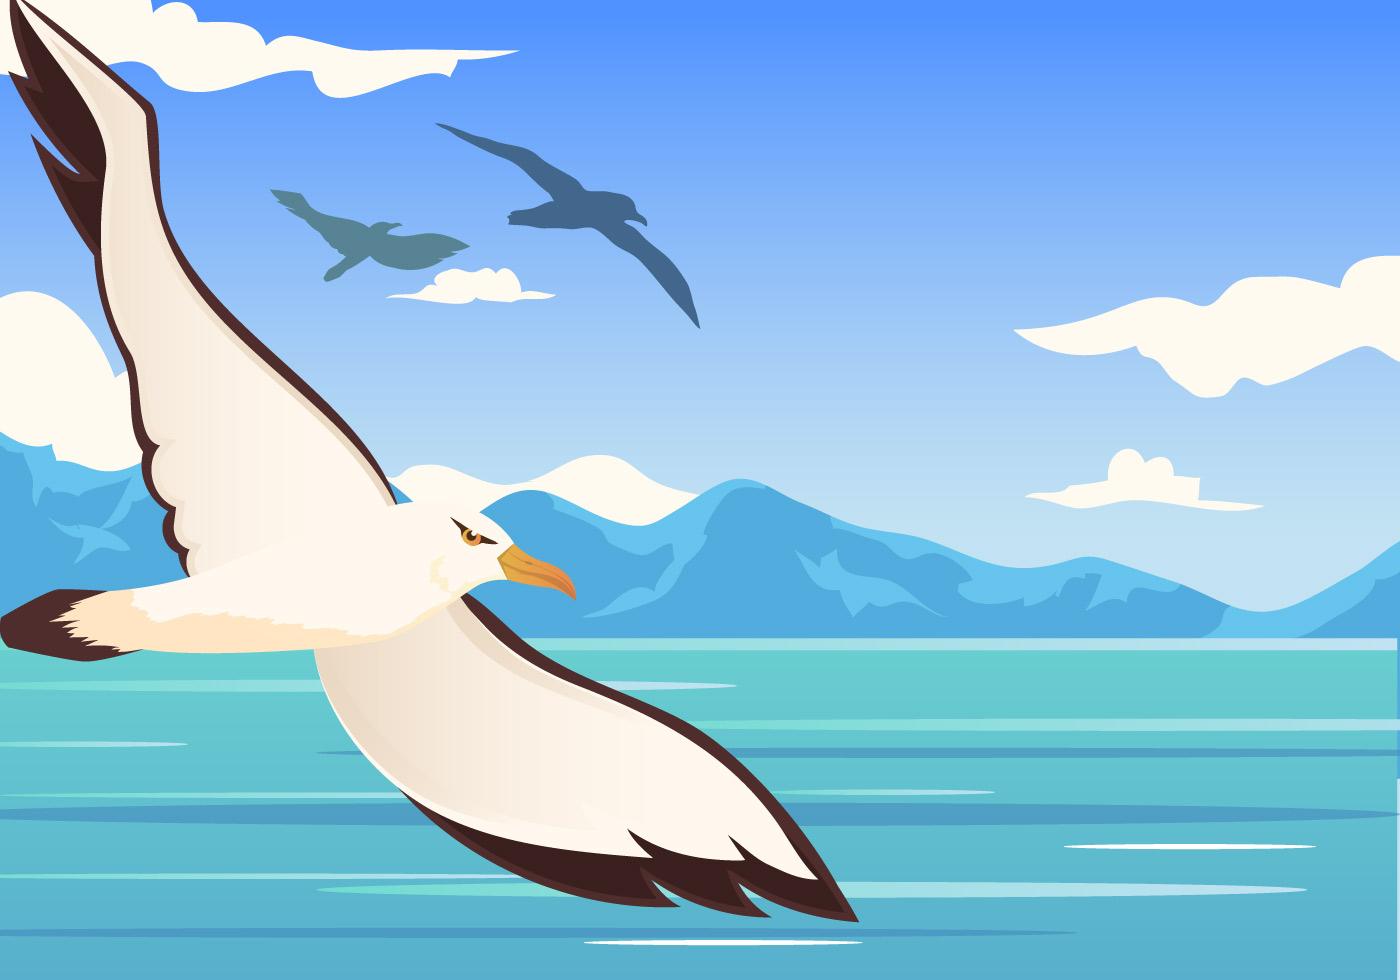 Albatross Bird Flying - Download Free Vectors, Clipart ... - photo#38